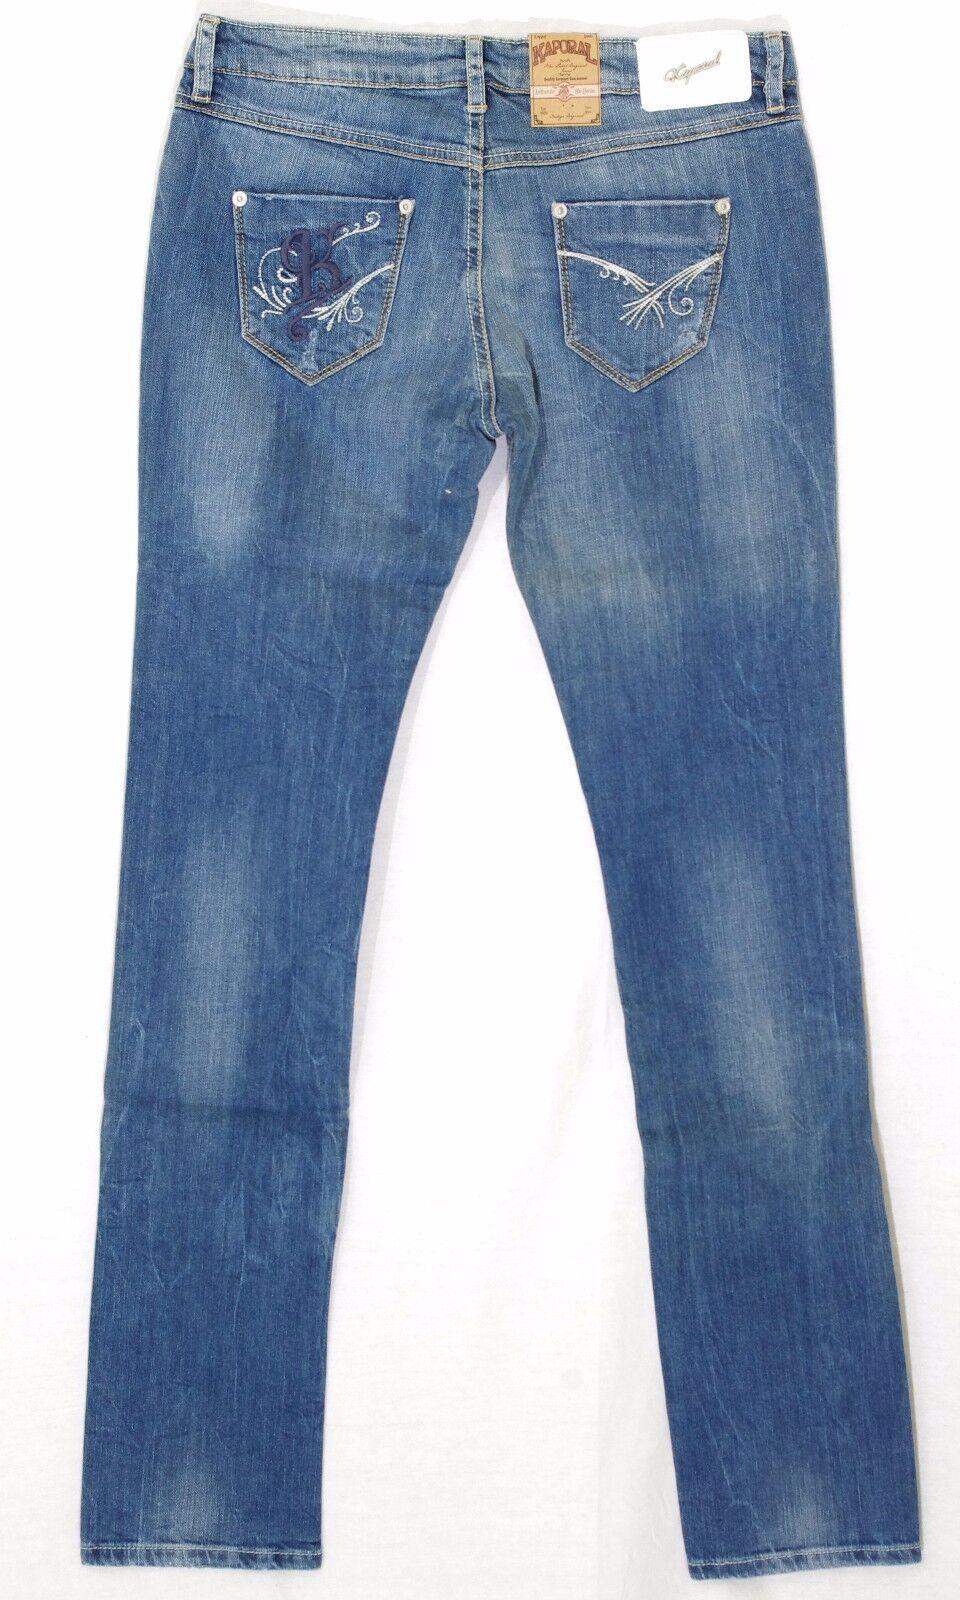 Détails sur KAPORAL jeans droit regular Junior Fille MAY New Age taille 16 Ans